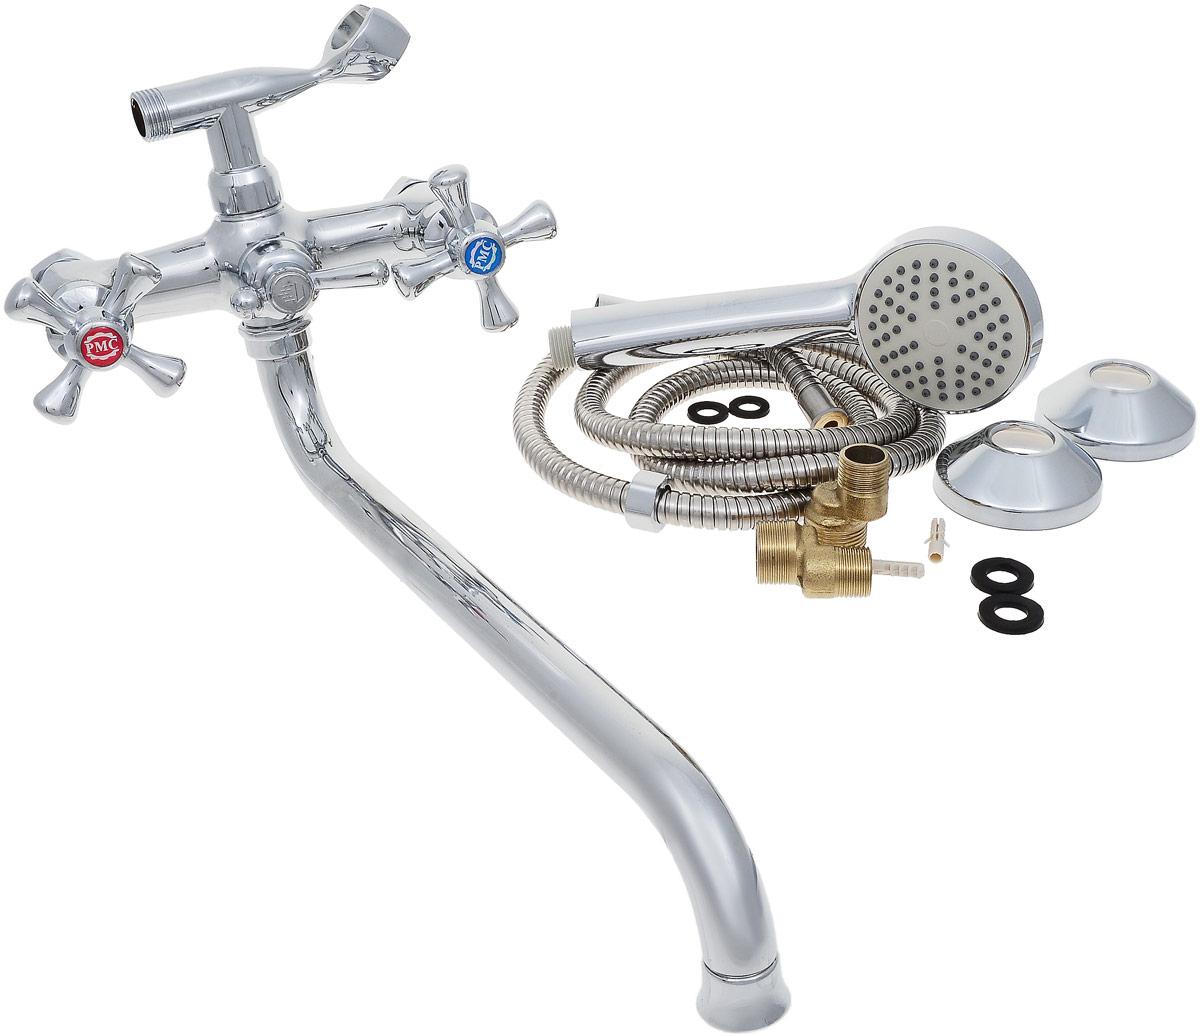 Смеситель для ванны и душа РМС, с длинным изливом, цвет: хром. SL70-143BA900Двуручковый смеситель для ванной комнаты РМС предназначен для смешивания холодной и горячей воды. Выполнен из высококачественной латуни повышенной прочности, устойчивой к коррозии. Кран-букса латунная с керамическими пластинами, угол поворота 180°. Оснащен длинным изливом. Переключение на душ - шаровое. Аэратор выполнен из пластика. В комплекте: эксцентрики, отражатели, металлический шланг для душа 1,5 м, лейка для душа.Максимальное давление: 10 бар.Испытательное давление: 16 бар.Рекомендуемое давление: 1-5 бар, при давлении выше 6 бар рекомендуется использовать регулятор давления.Максимально допустимая температура: +80°С.Рекомендуемая температура: +65°С.Размер присоединения к угловому вентилю для умывальника: гайка 1/2.Кран-букса керамическая: 1/2.Длина излива: 35 см.